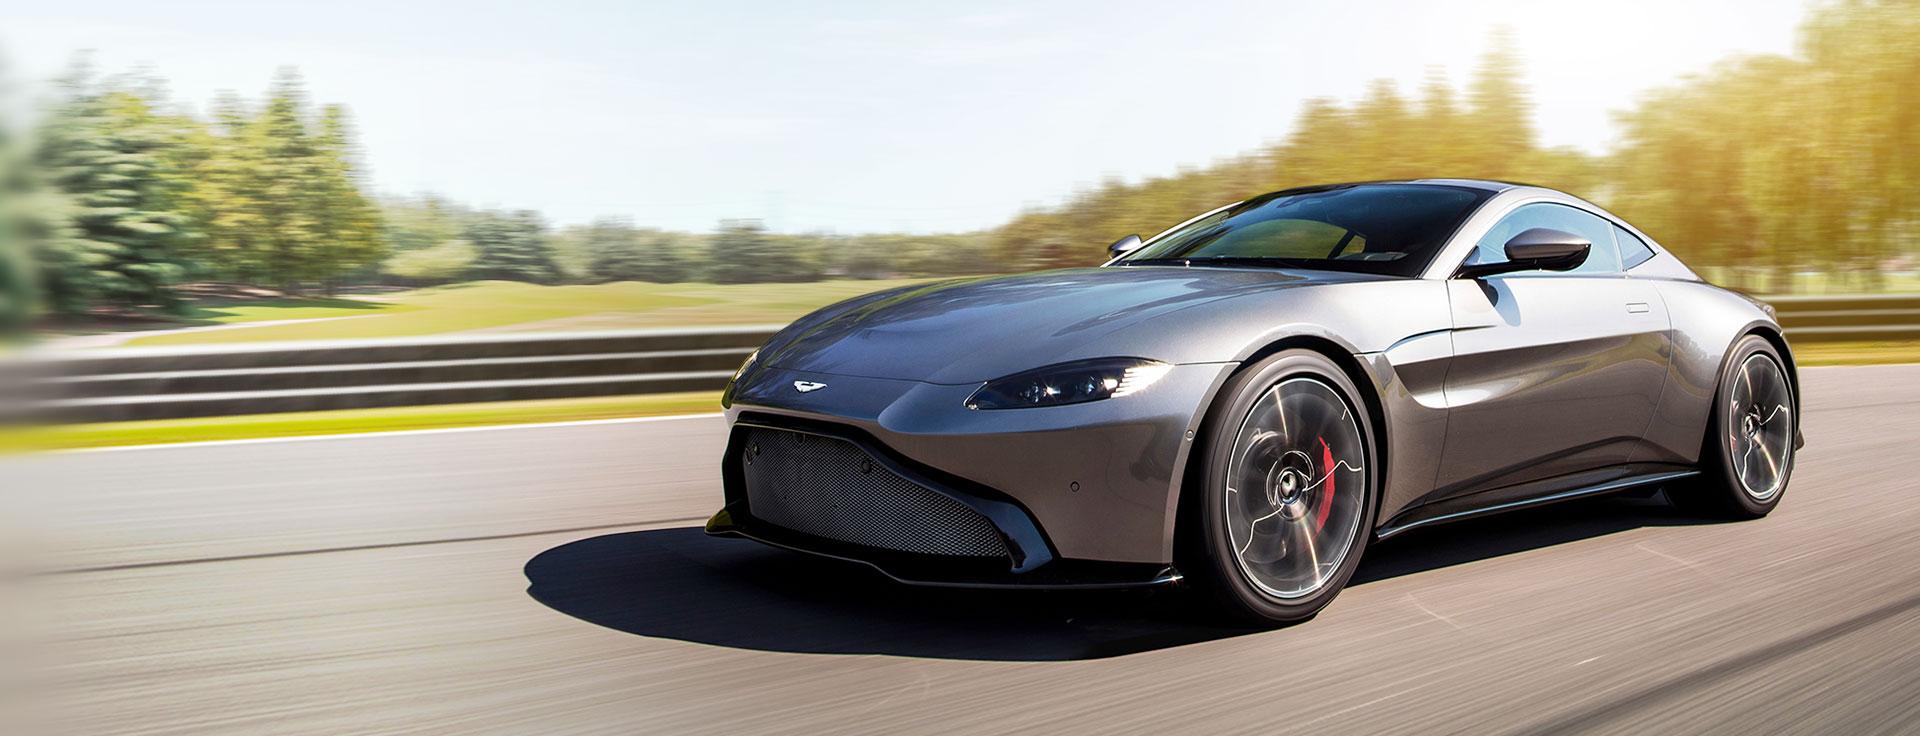 Aston Martin - Pirelli and Aston Martin